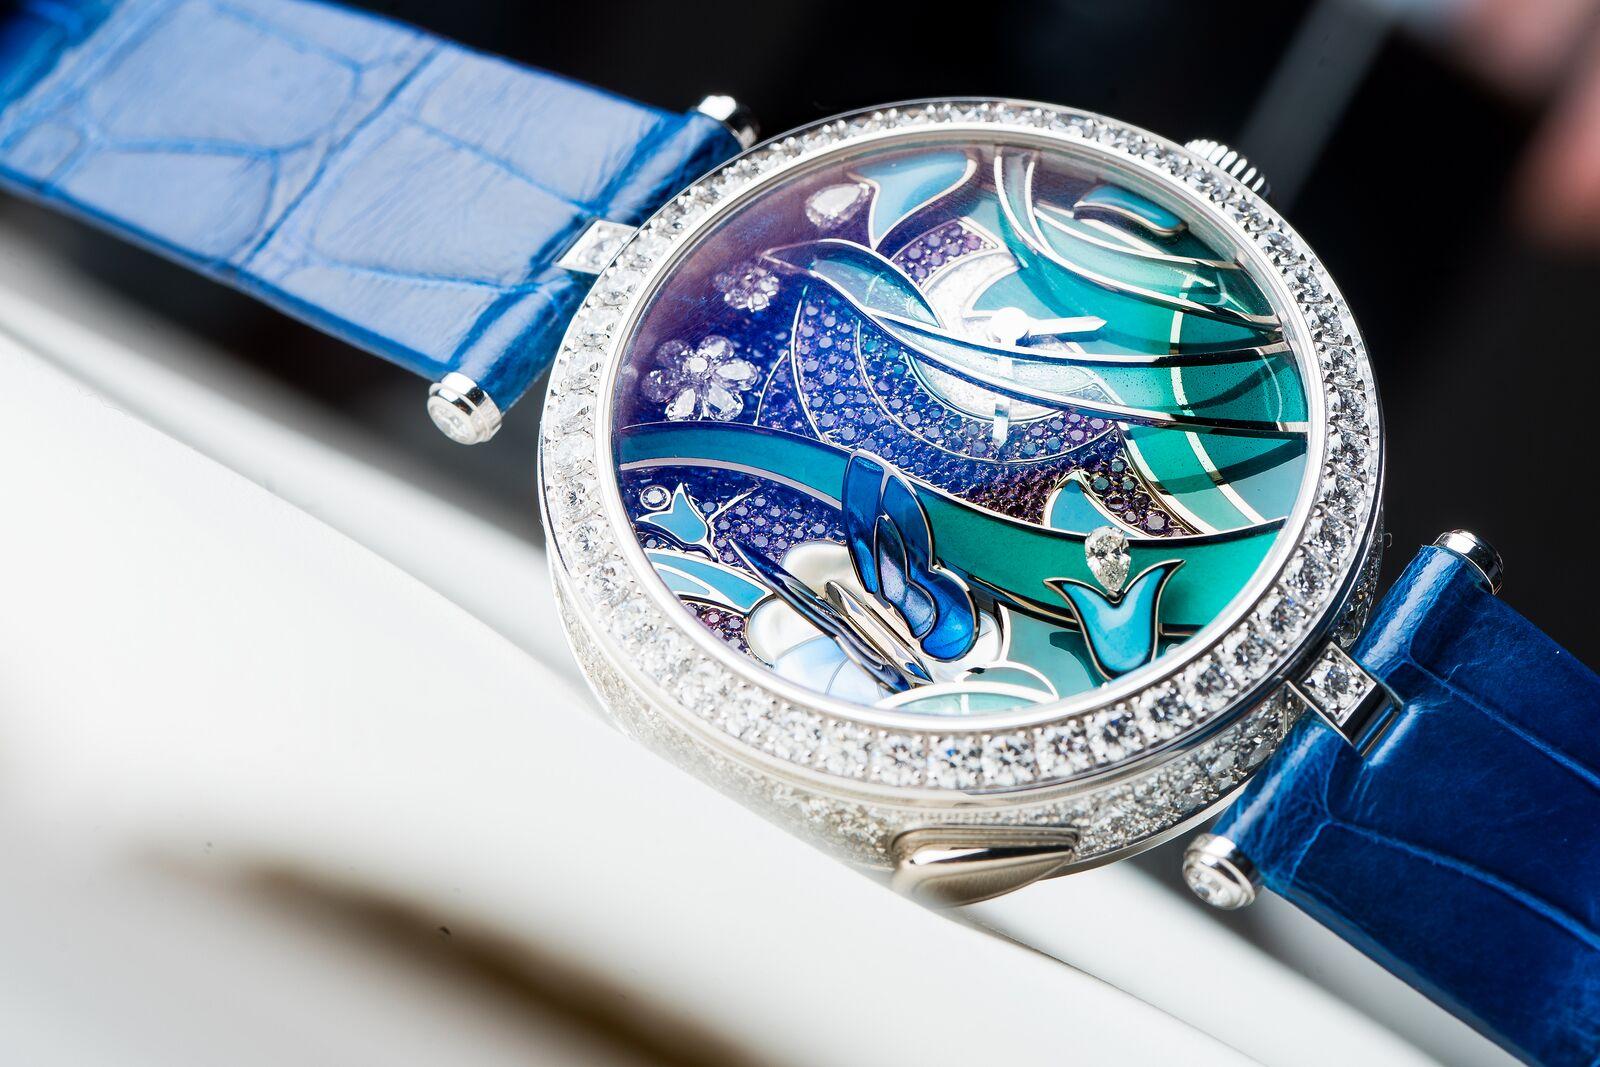 929718dca ساعات بأحزمة جلد التمساح لإطلالة أكثر عصرية - عالم الساعات و المجوهرات